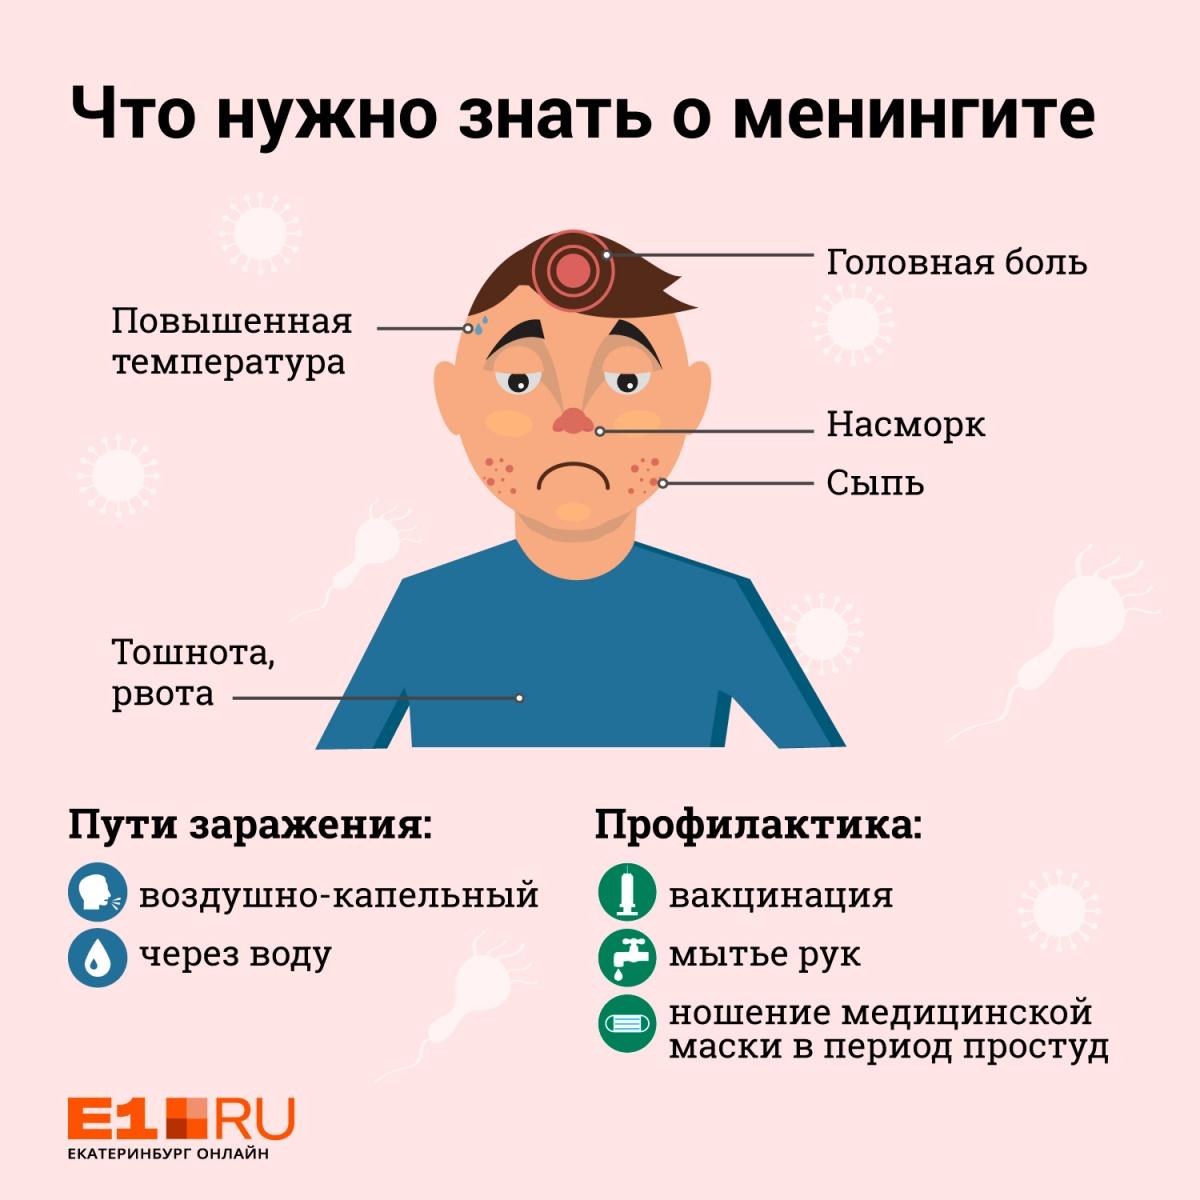 «Мы хотим успокоить»: горздрав раскрыл число заболевших менингитом в Екатеринбурге